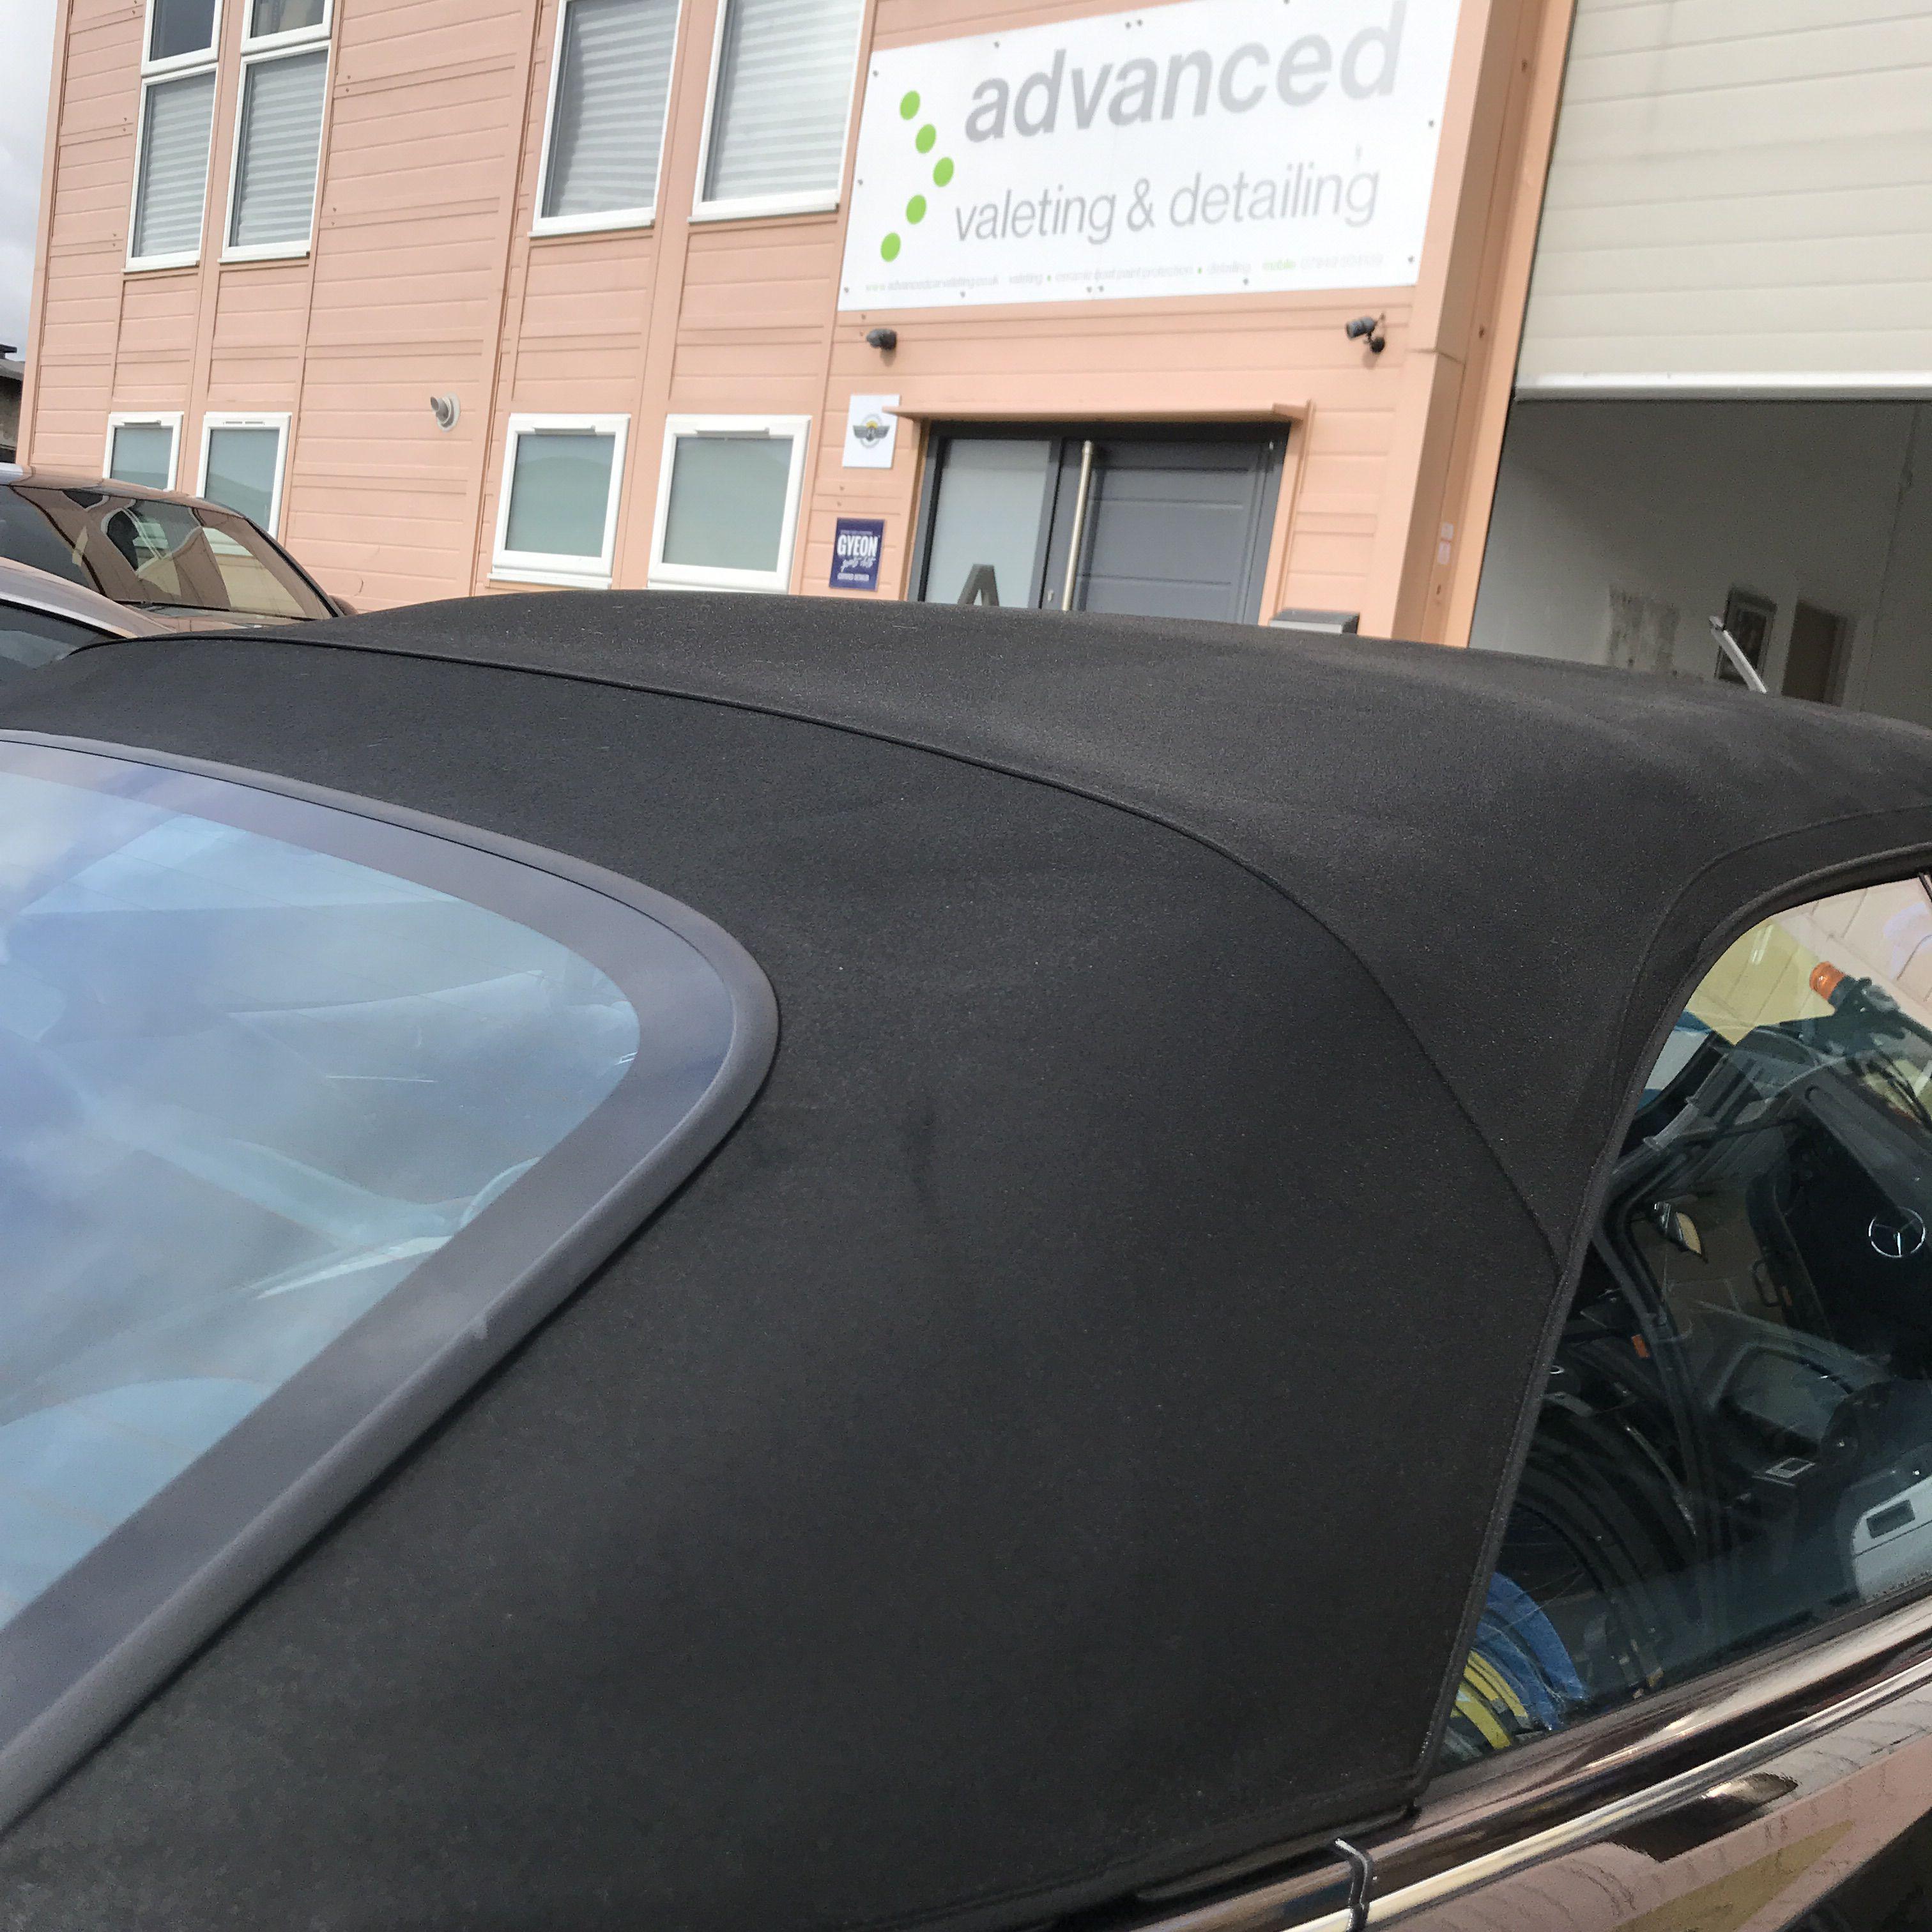 Mercedes Benz Clk320 Convertible Roof Detail Mercedes Benz